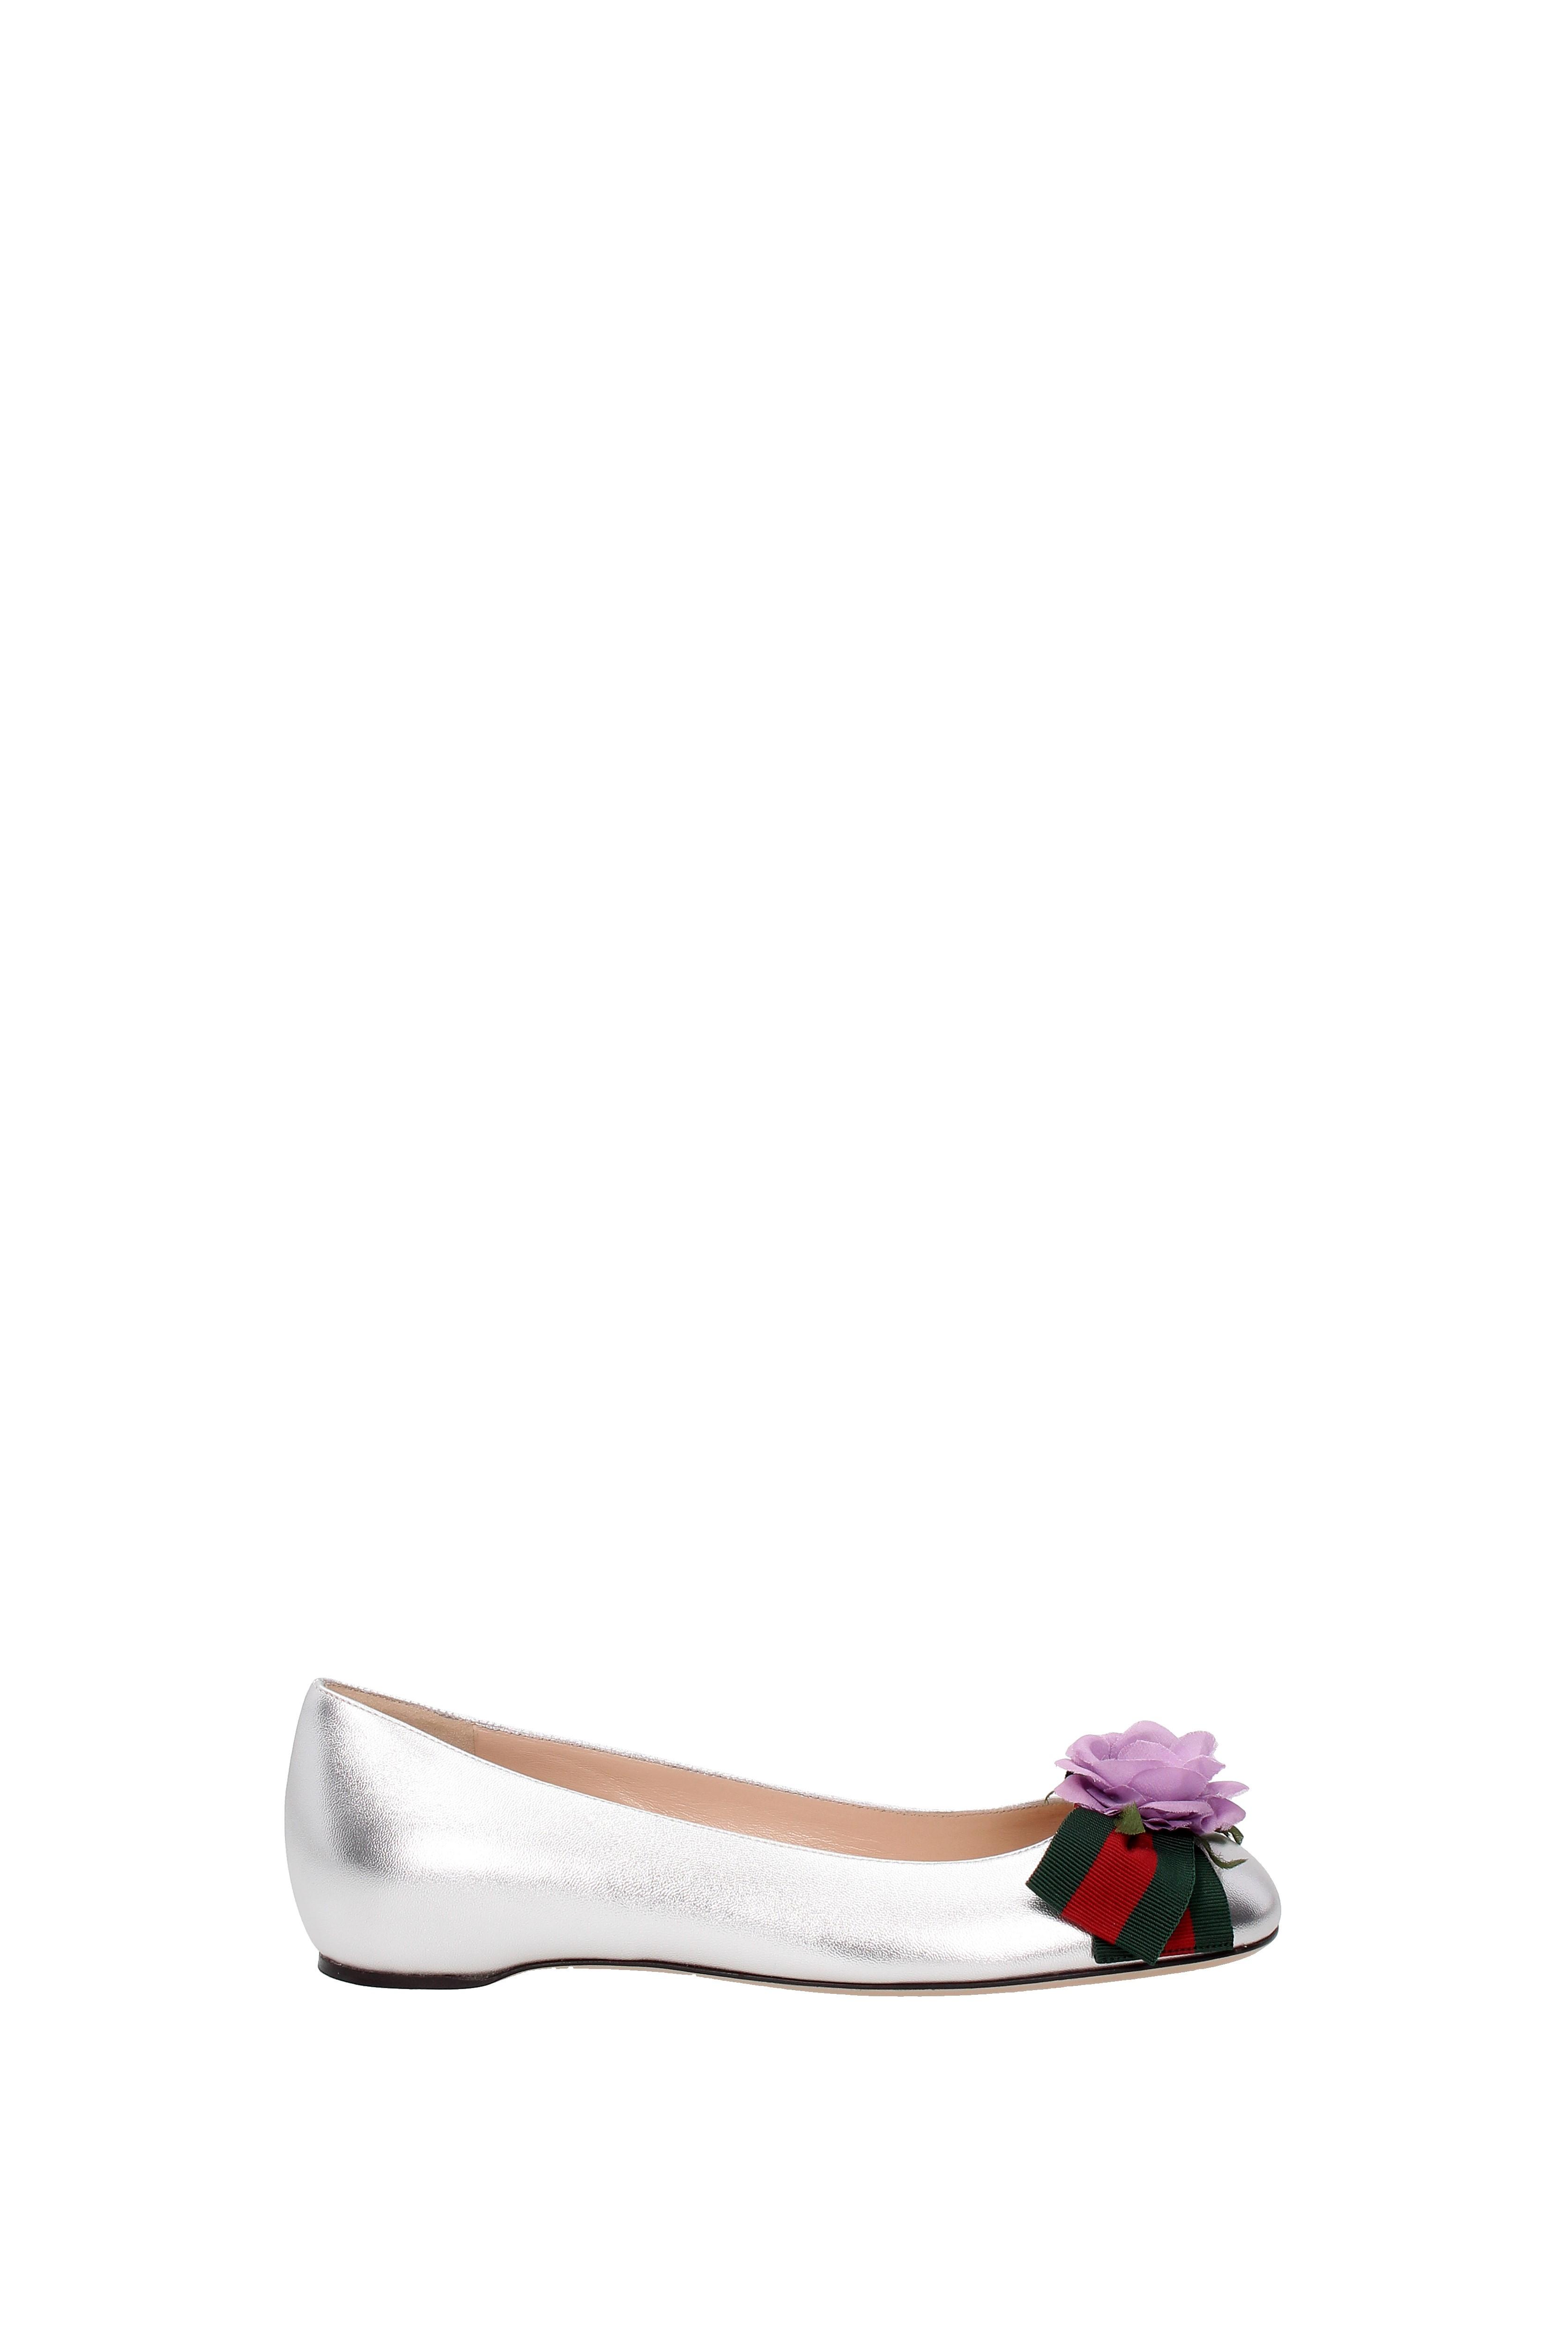 Ballerine-Gucci-Donna-Pelle-453432B8M60